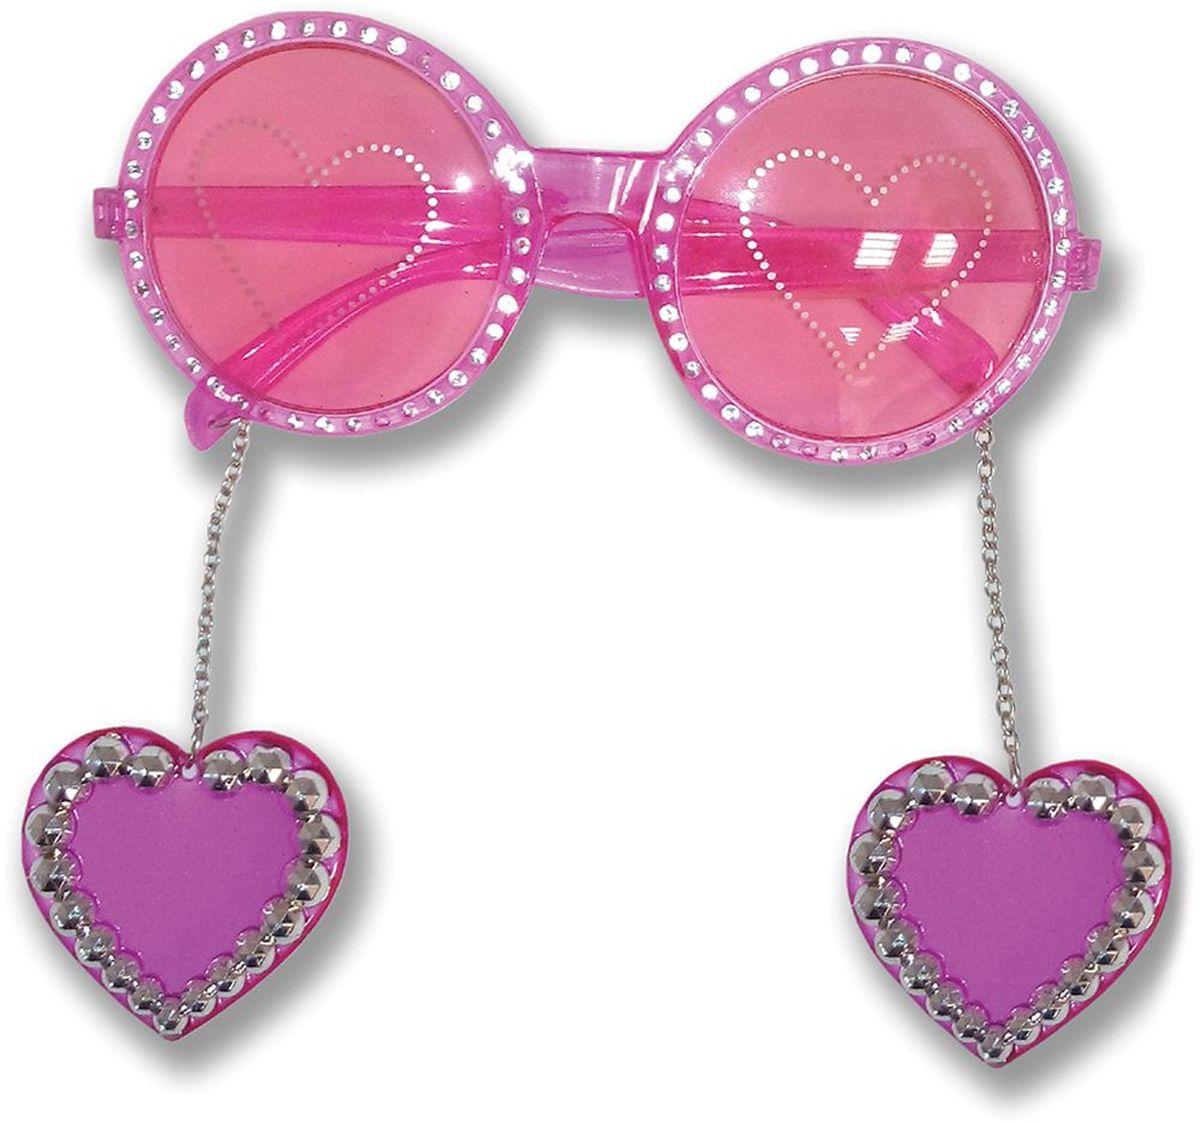 Partymania Очки для вечеринок Сердечки partymania очки для вечеринок губы